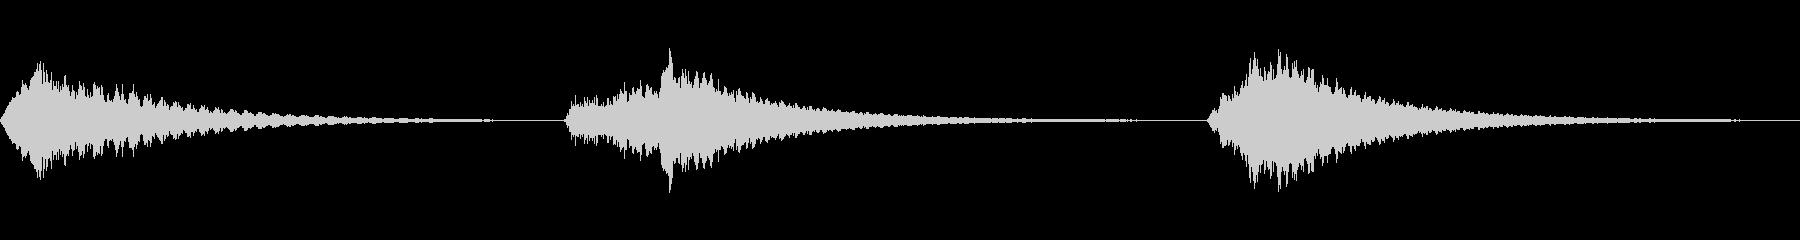 ムーグ、スイープ、アップ、スペース...の未再生の波形